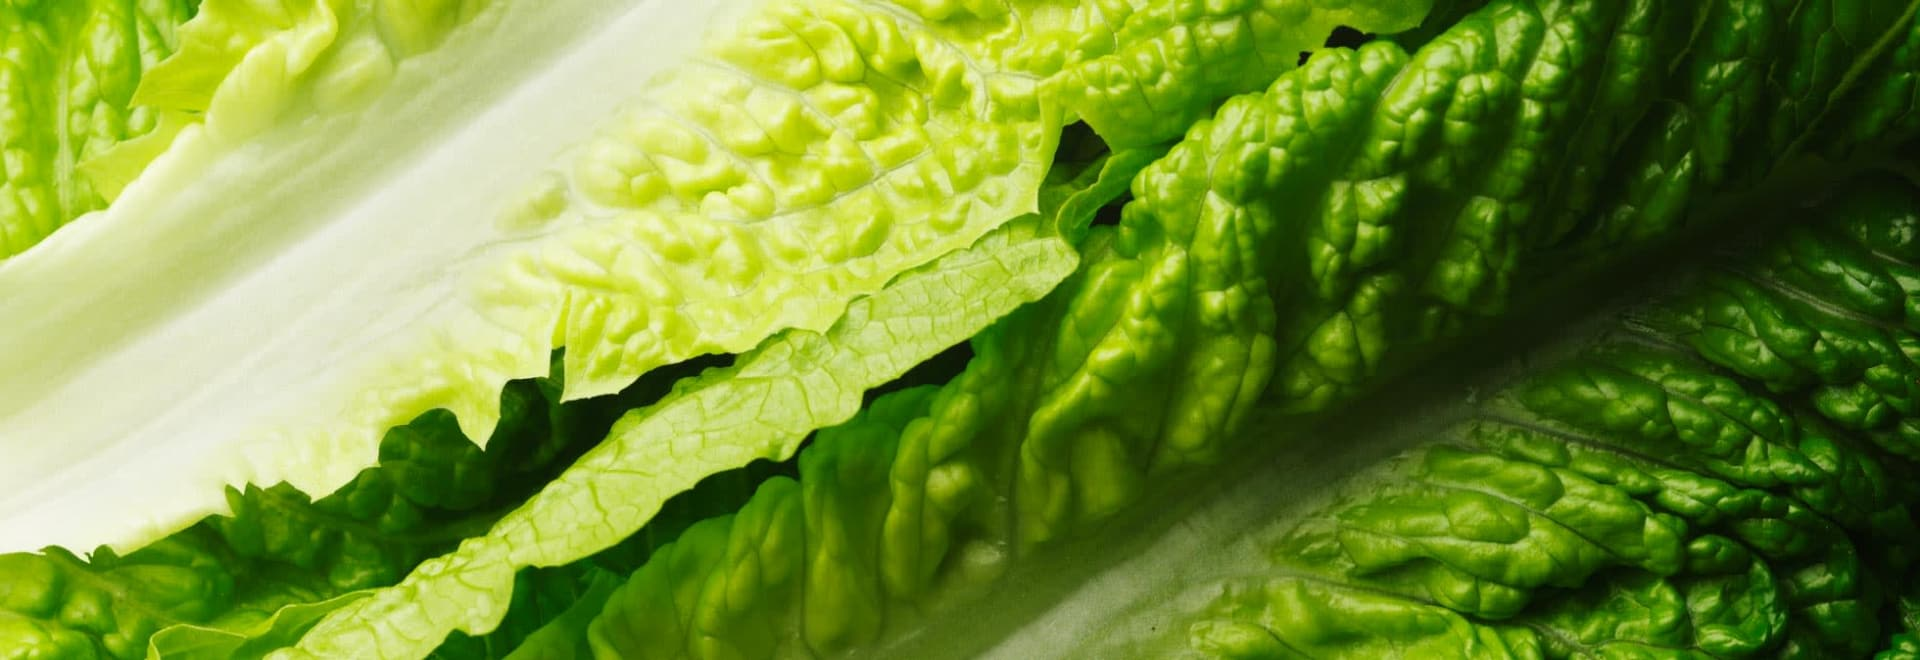 RAW, Vegan, Vegetarian, Health Easting